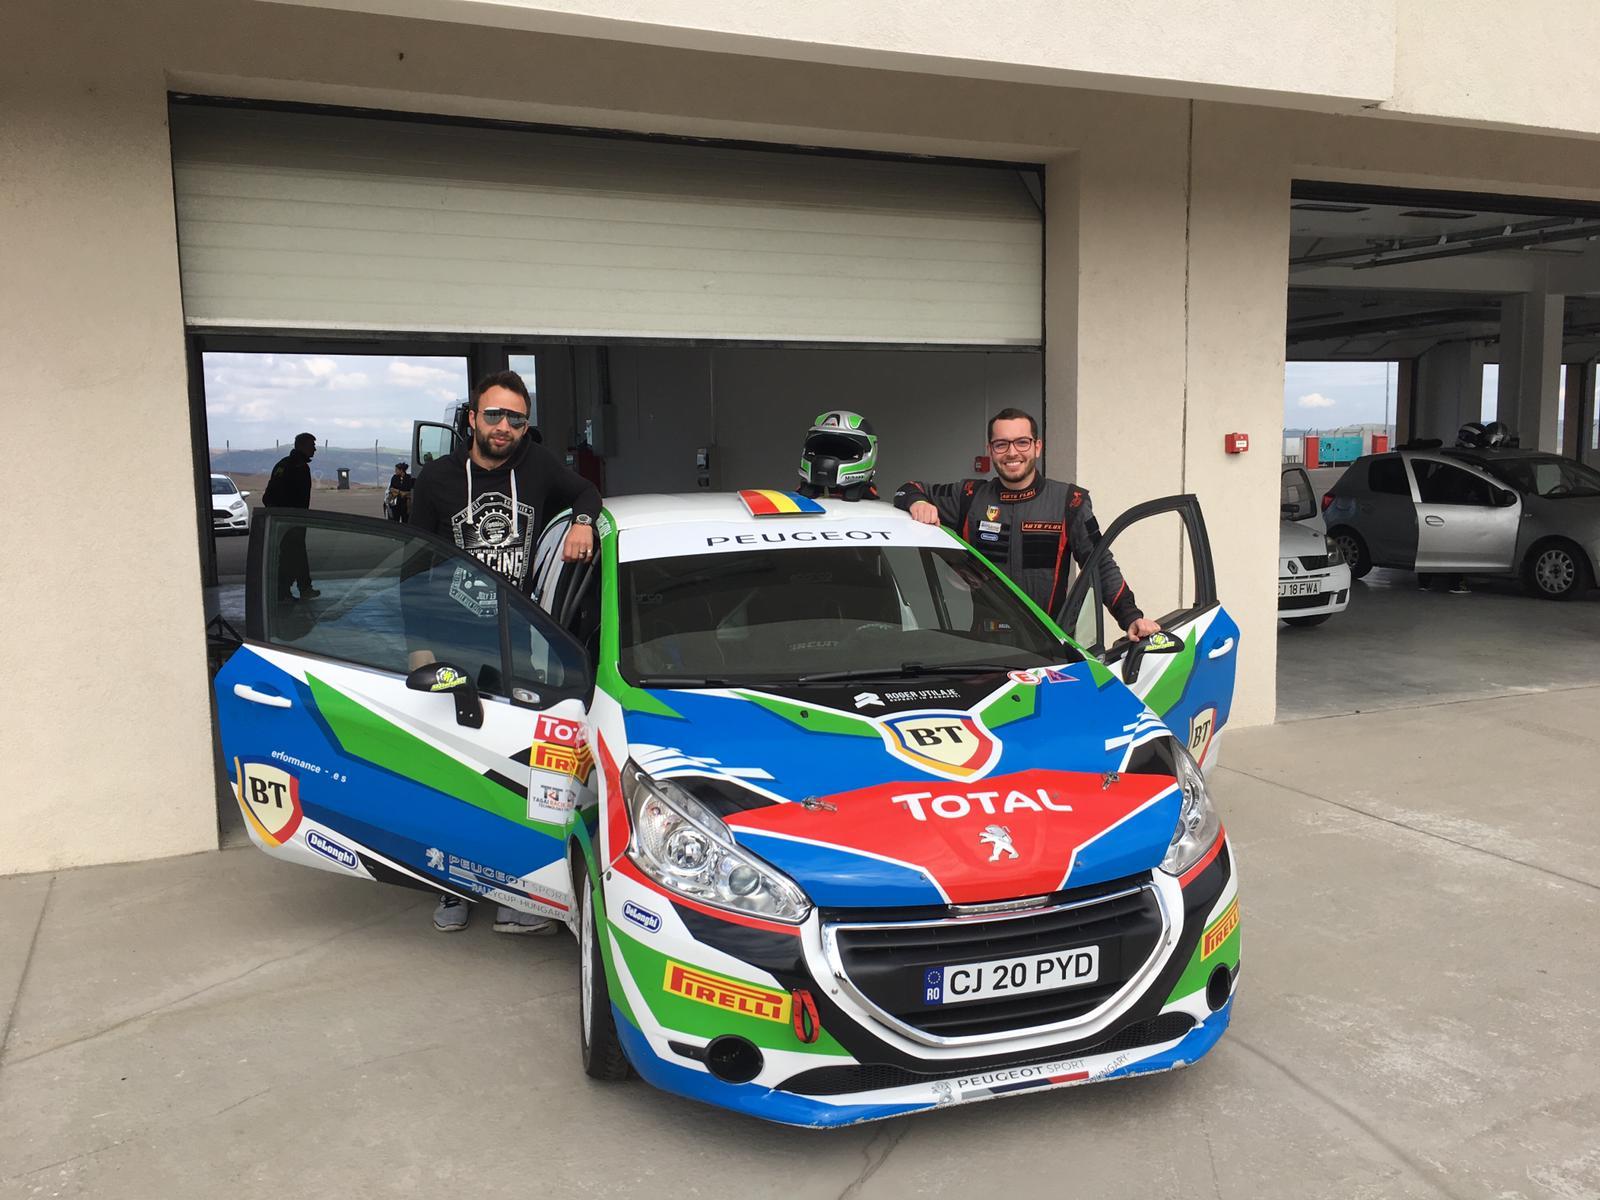 """Mihnea Muresan: """"Sper sa ma acomodez cat de repede cu noua masina si sa ne luptam pentru victorie in clasamentul 2 Roti Motrice"""""""